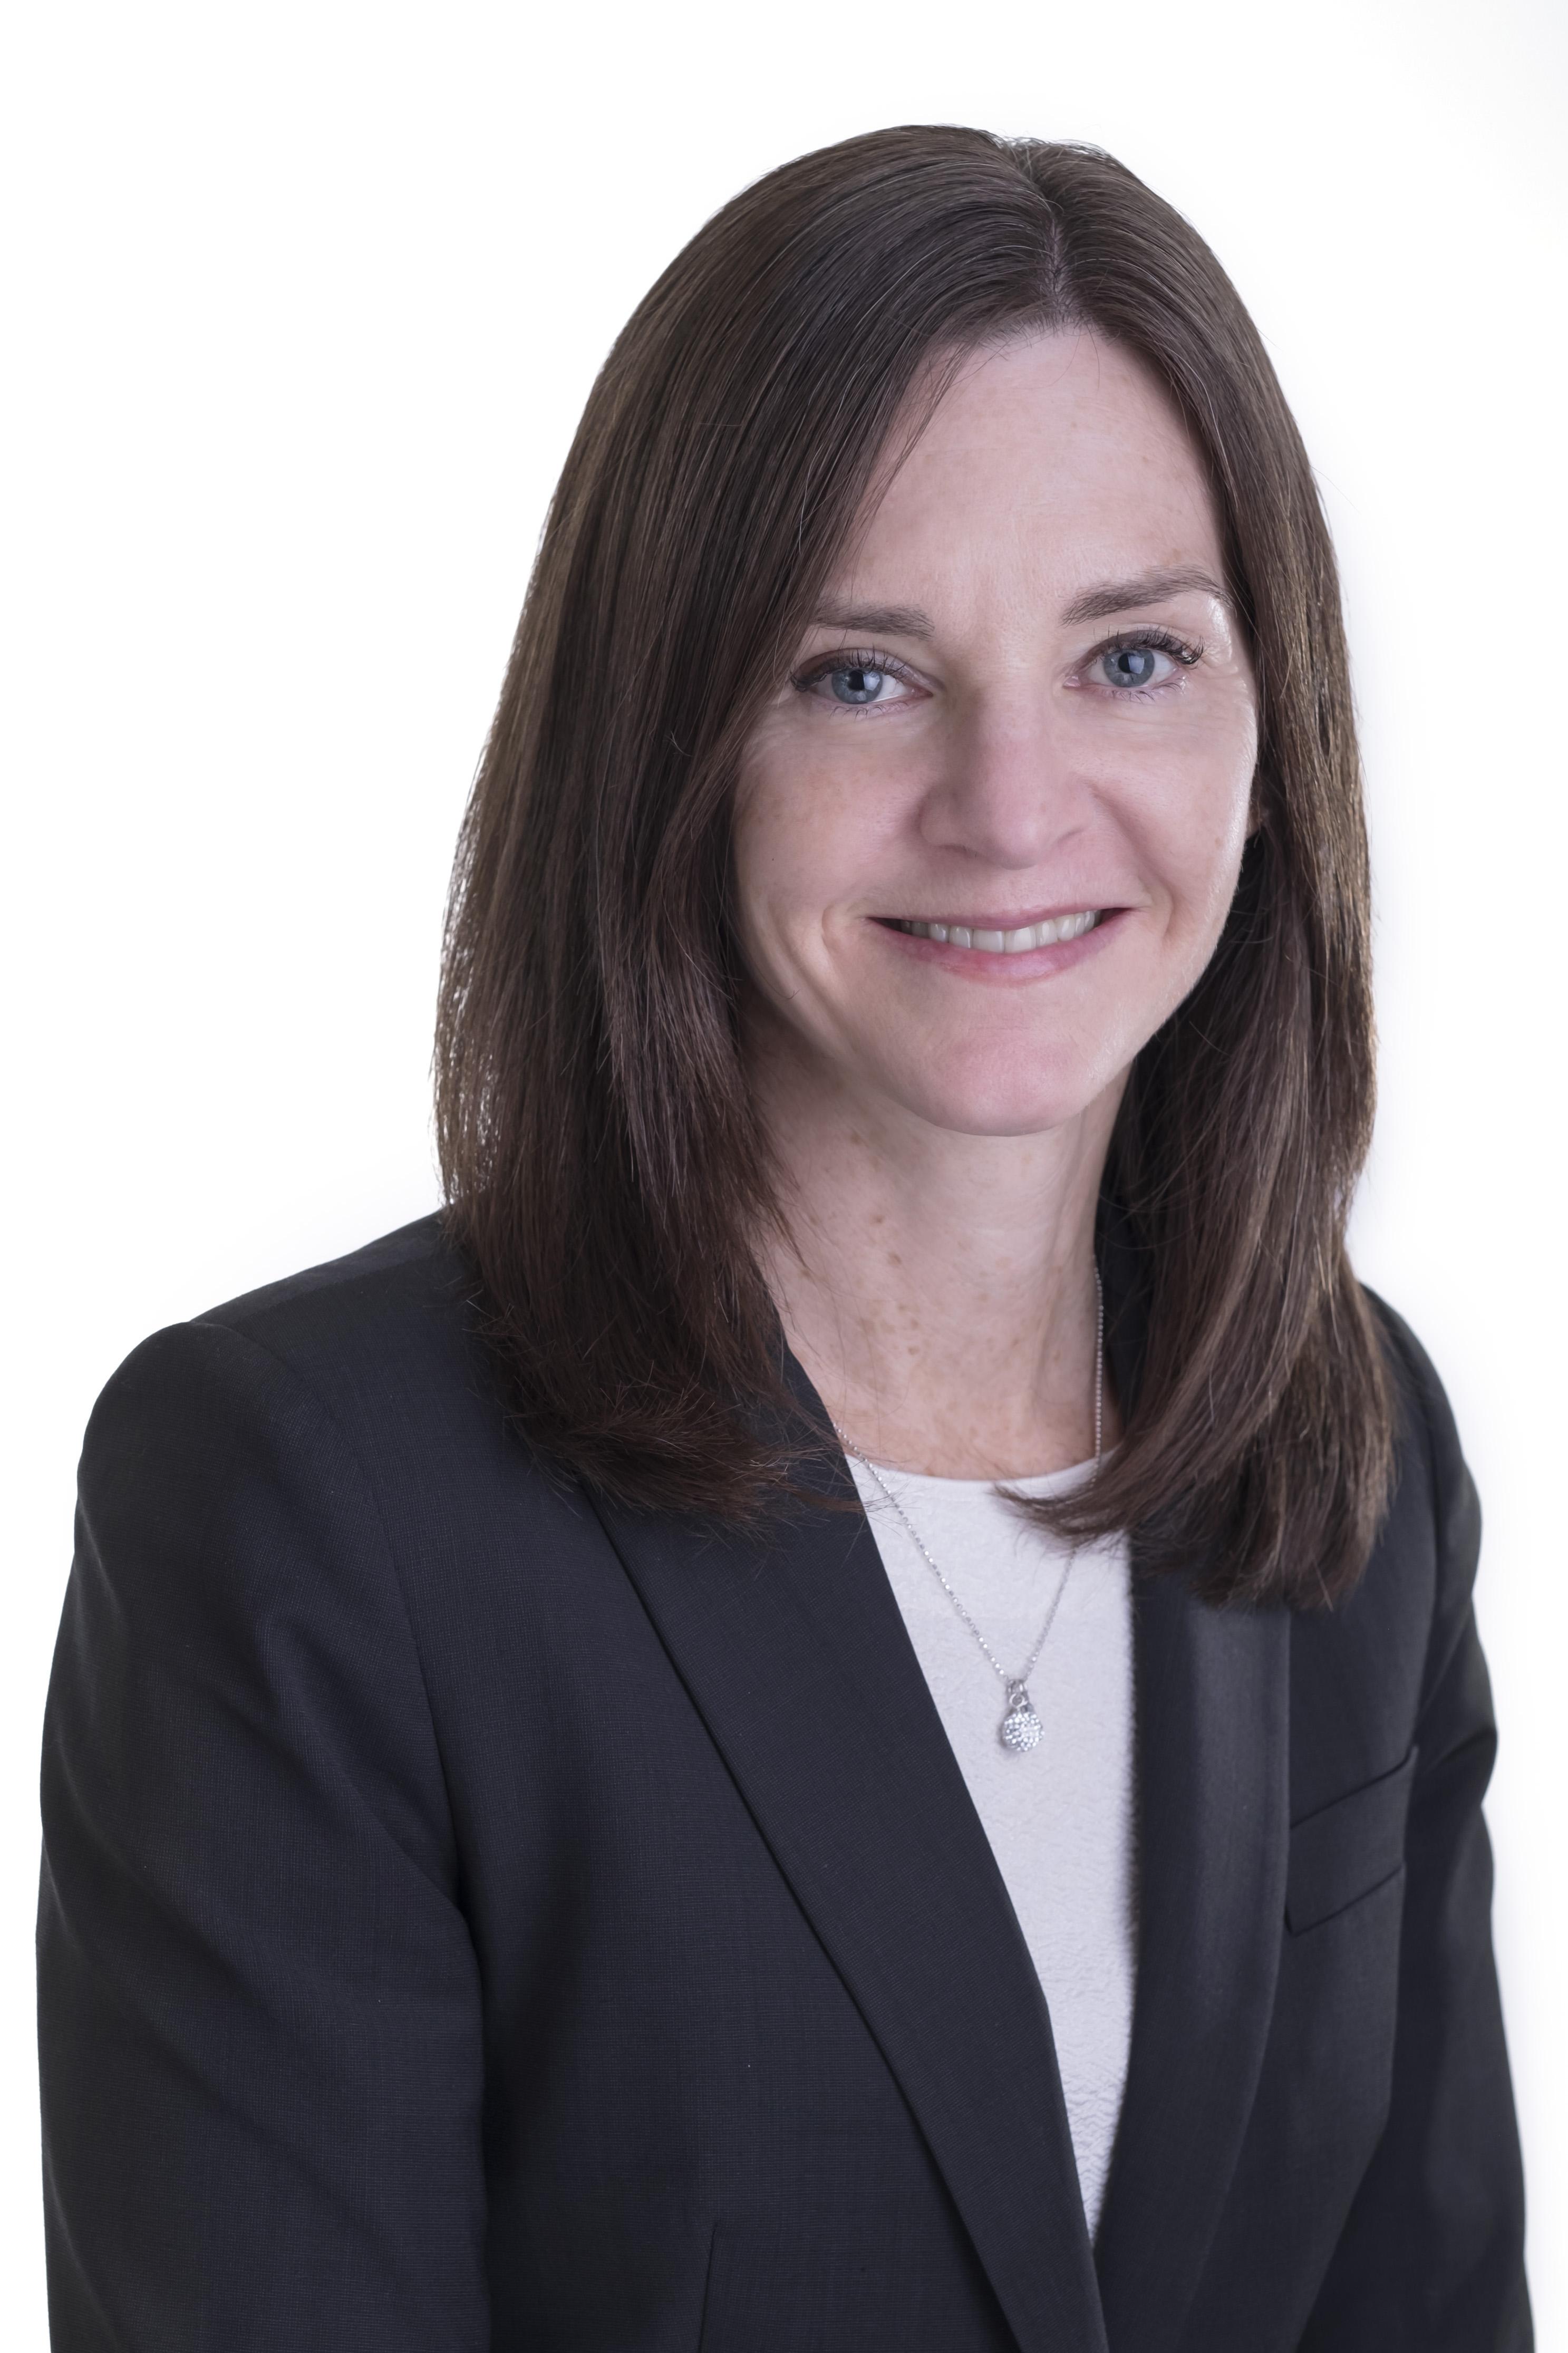 H. Beth Allard